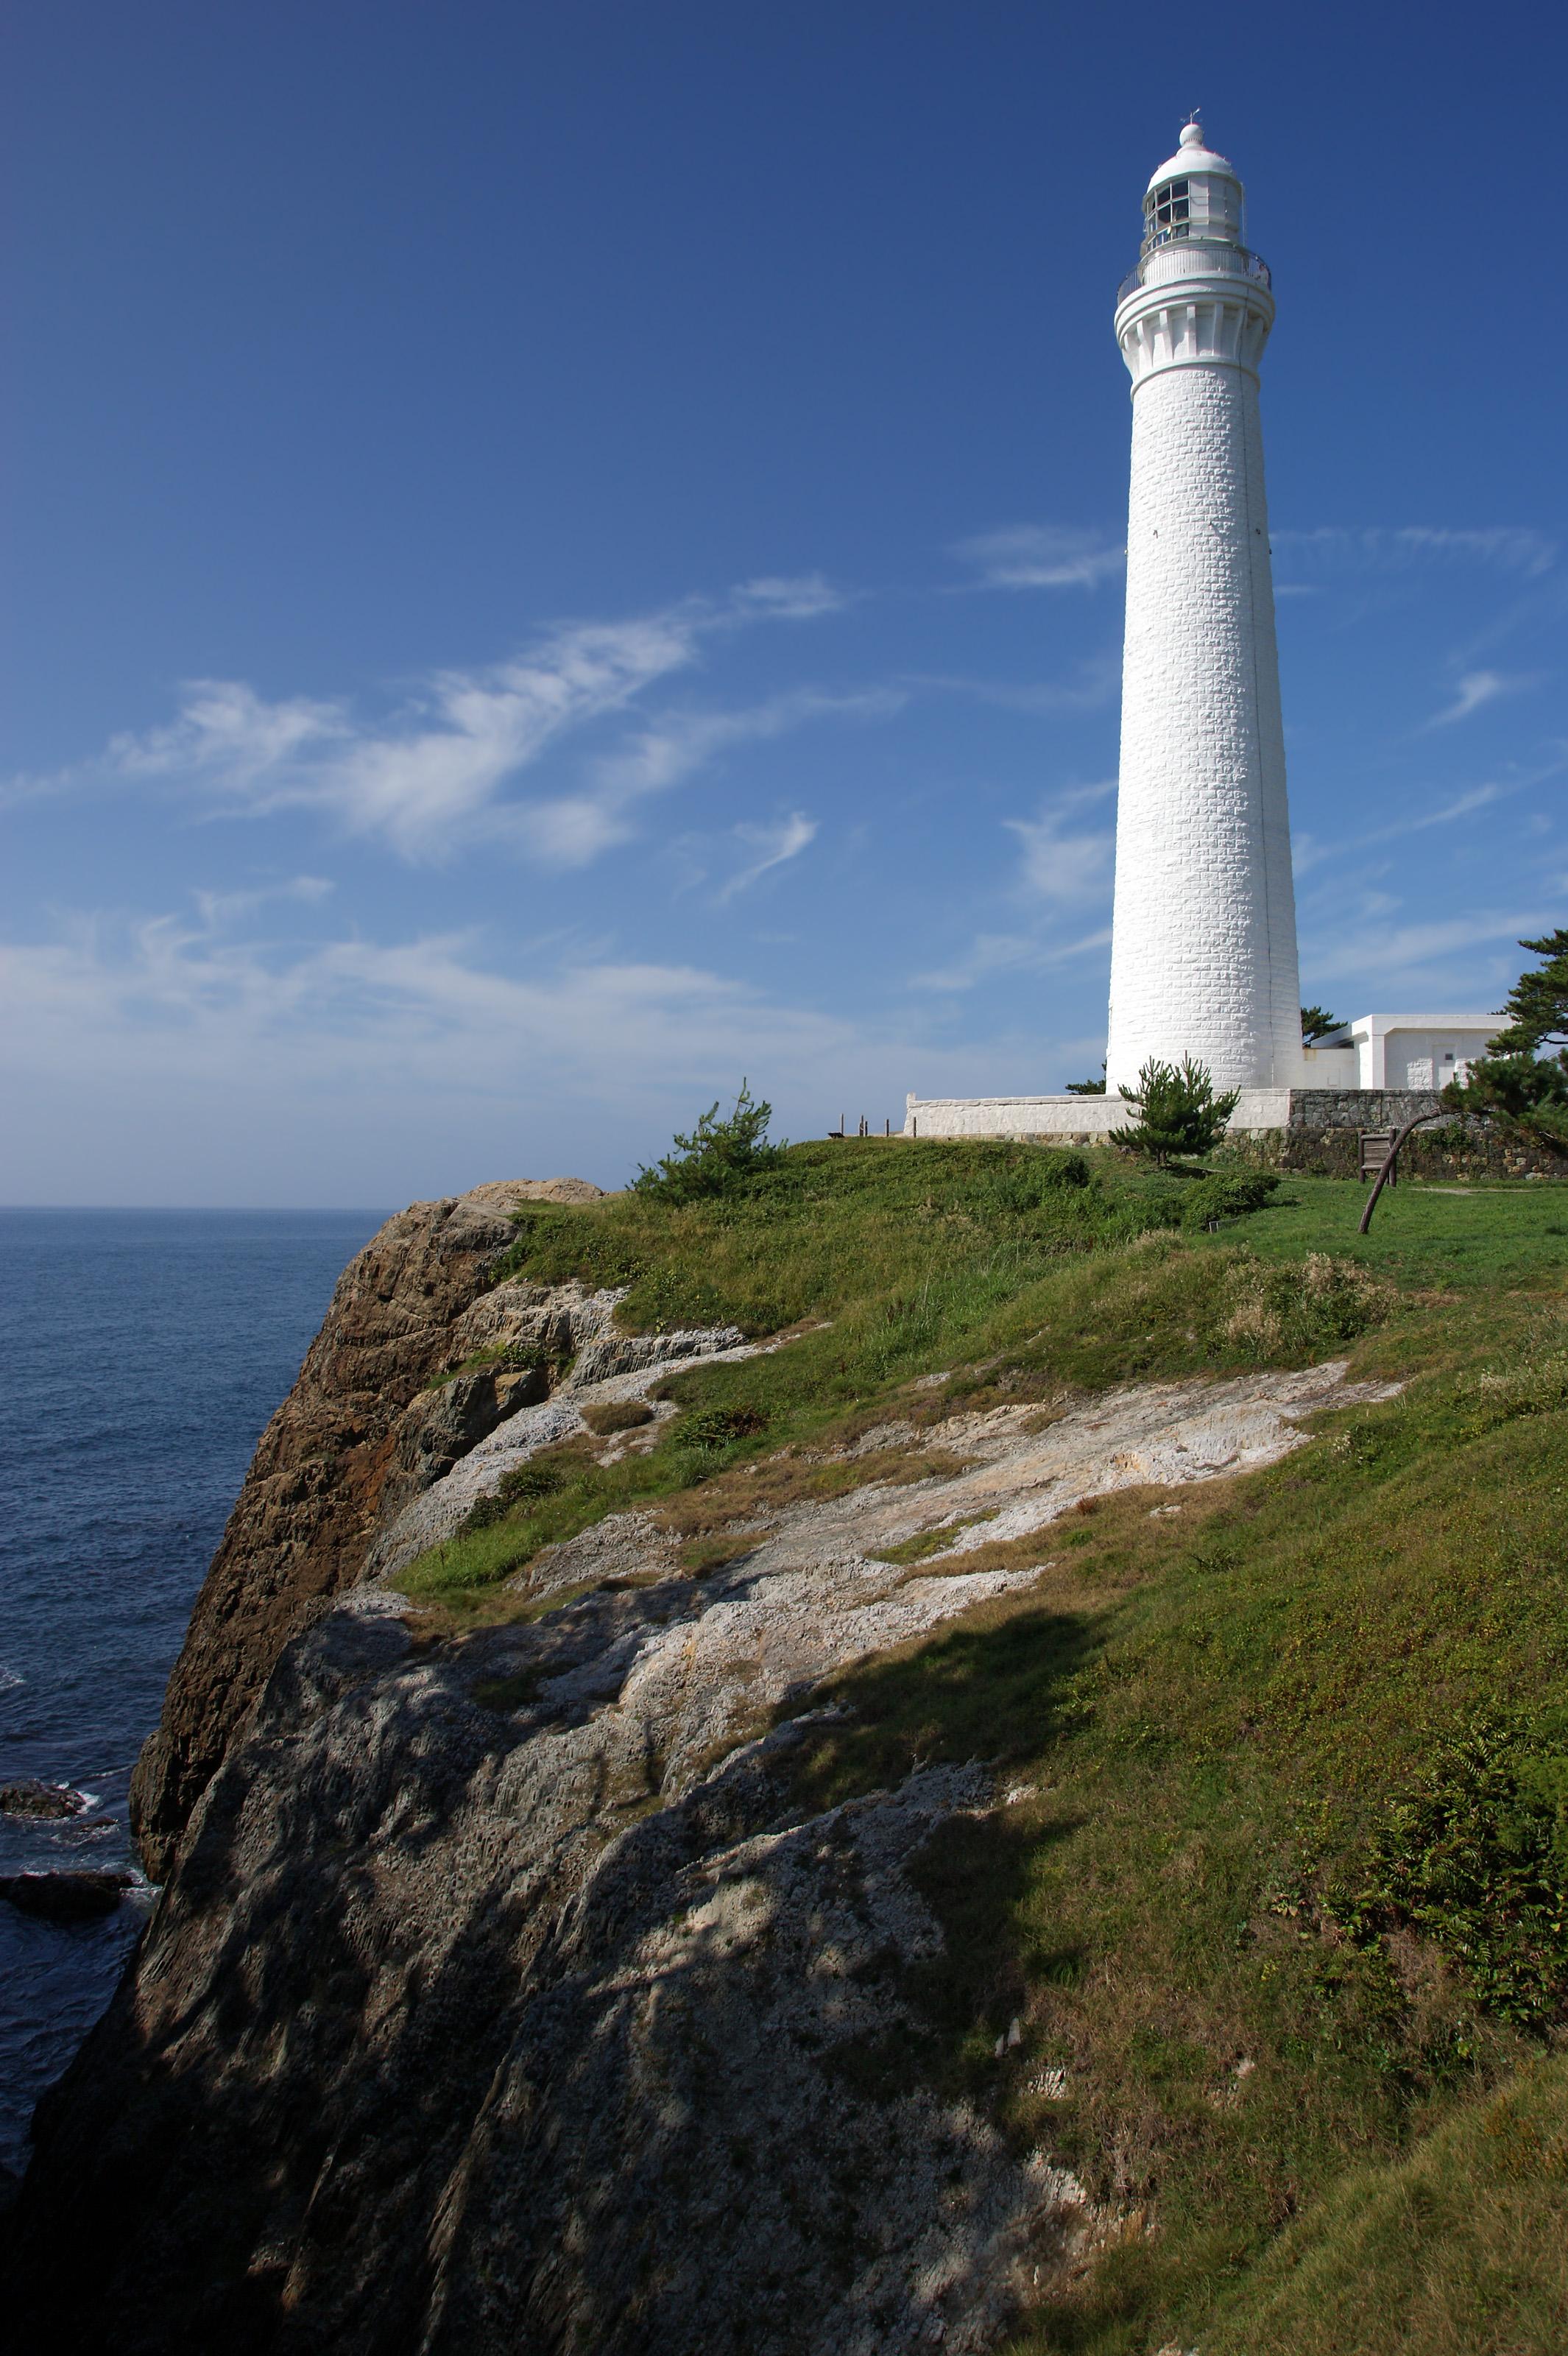 https://upload.wikimedia.org/wikipedia/commons/d/d0/Hinomisaki_lighthouse_Izumo01bs3200.jpg